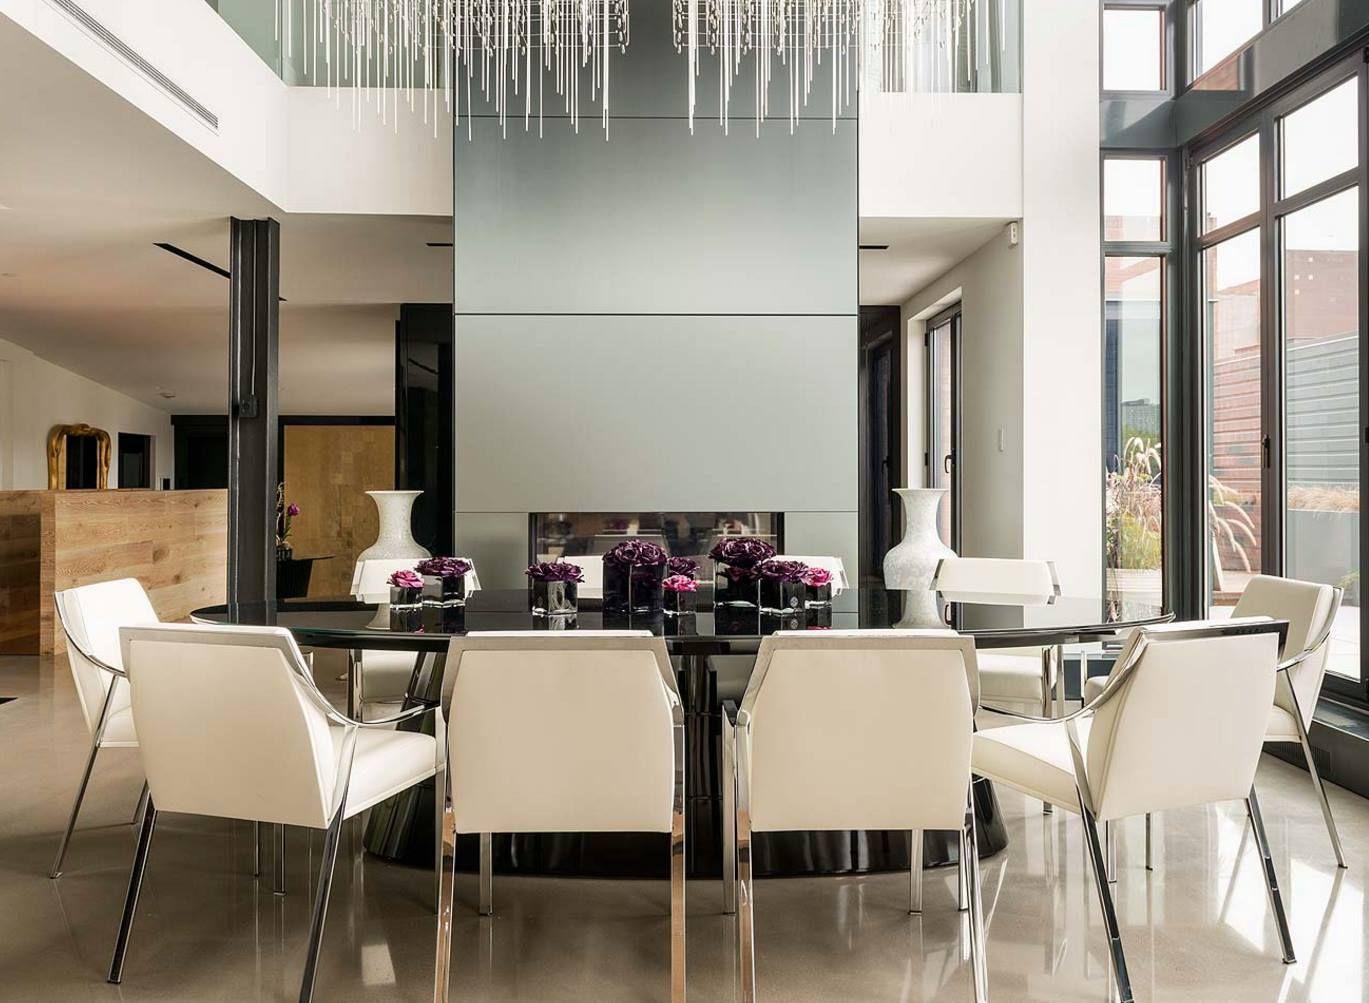 Innenarchitektur Wohnzimmer, Skandinavische Inneneinrichtung, Luxushäuser,  Hohen Decken, Schlafzimmer Einrichtung, Ovaler Tisch, Esszimmer, Moderner  ...